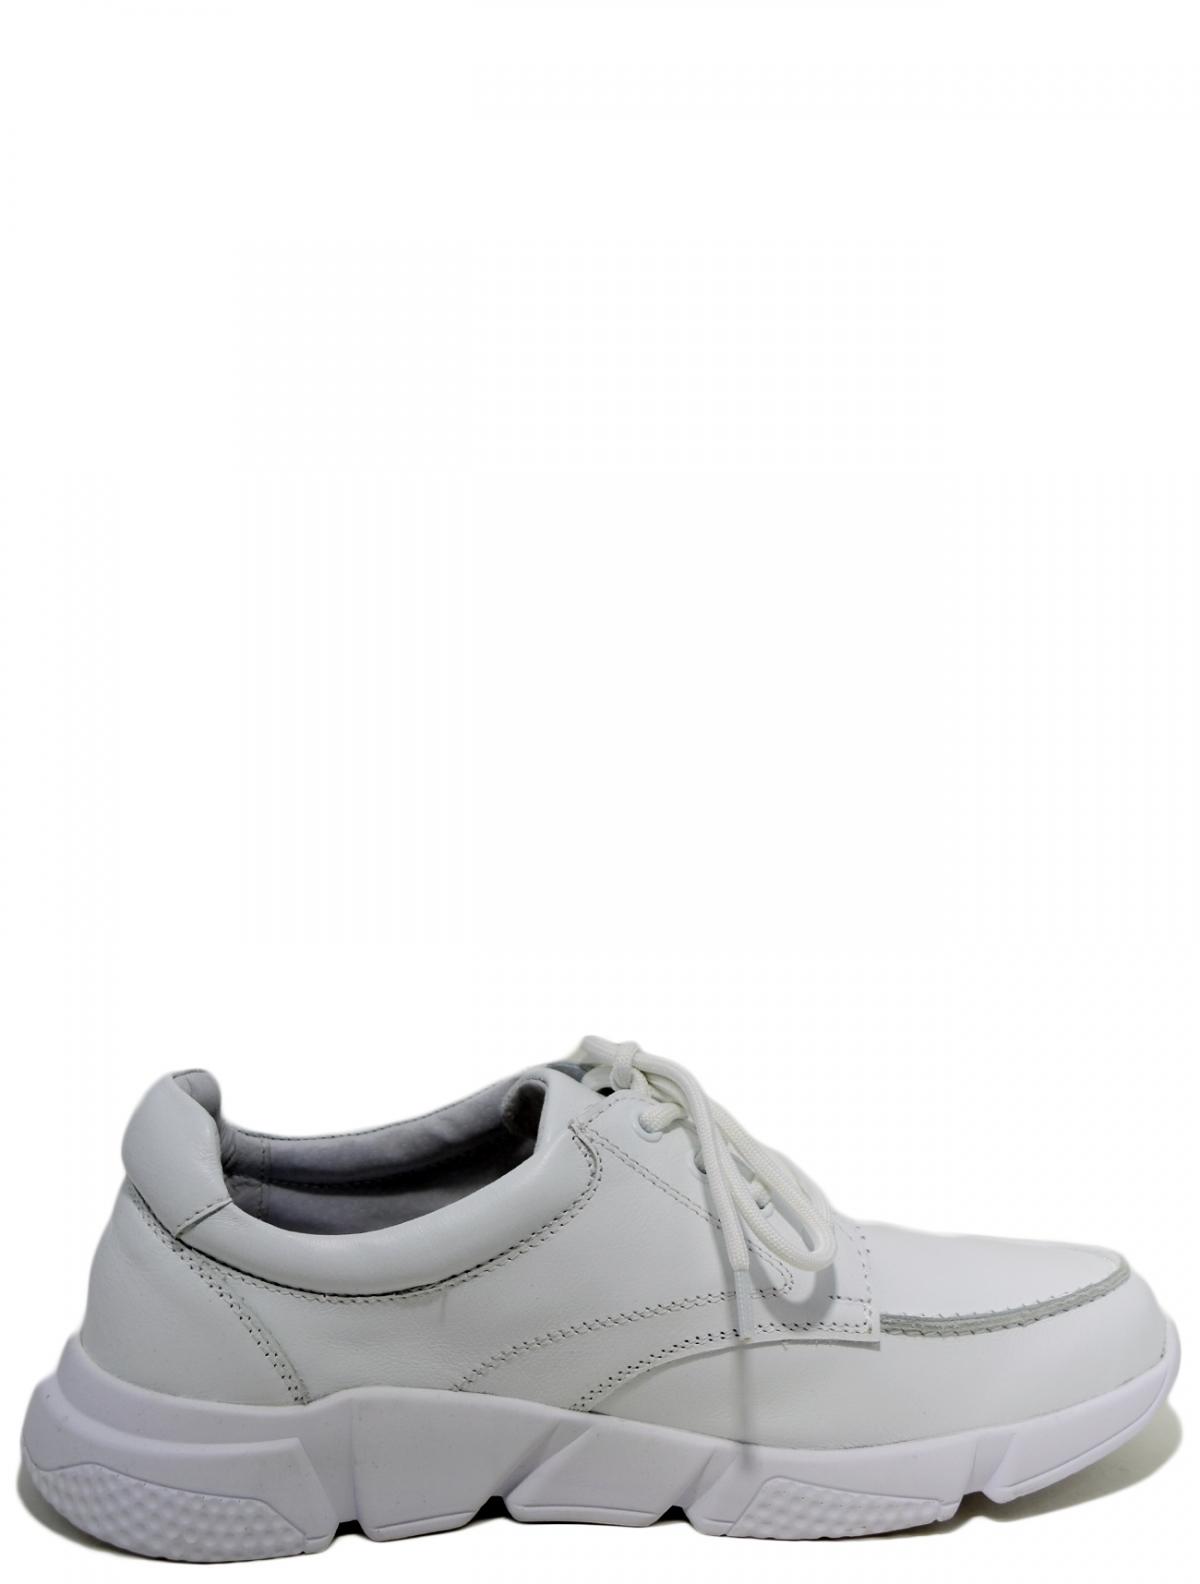 Hybrid 1403-3 мужские кроссовки